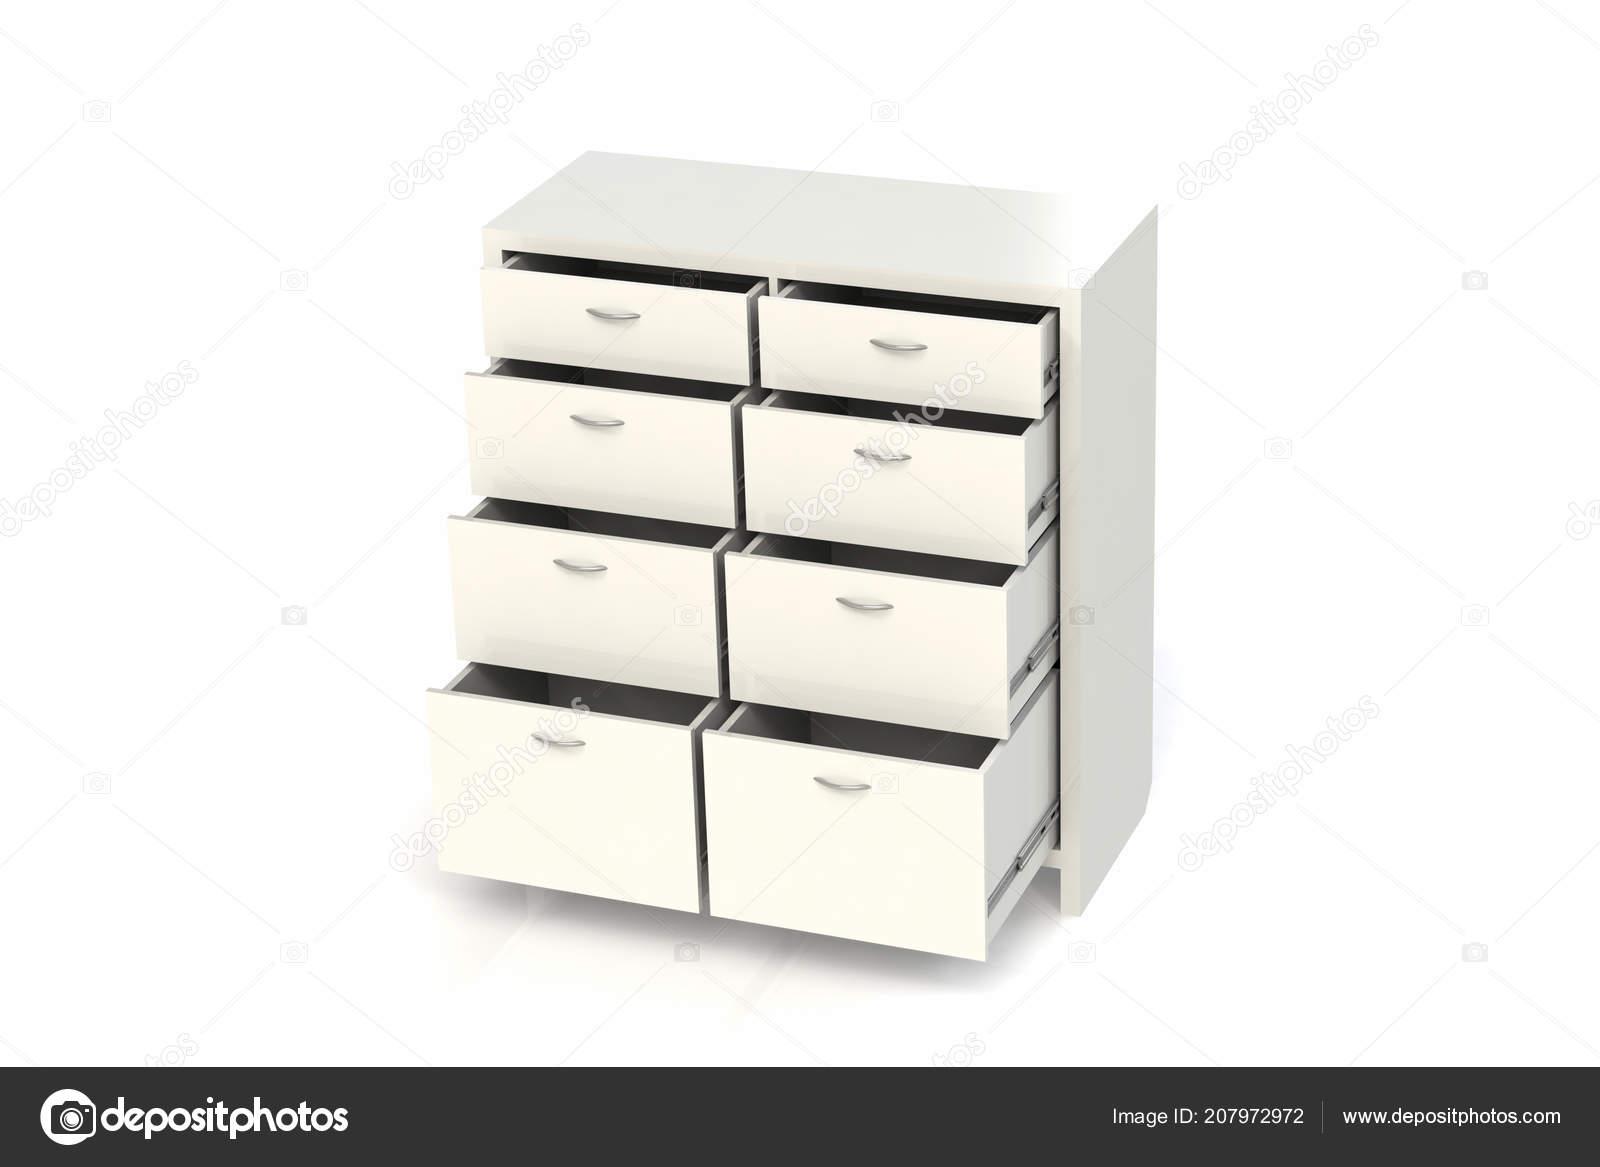 Armoire tiroirs pour vêtements lingerie sous vêtements vêtements